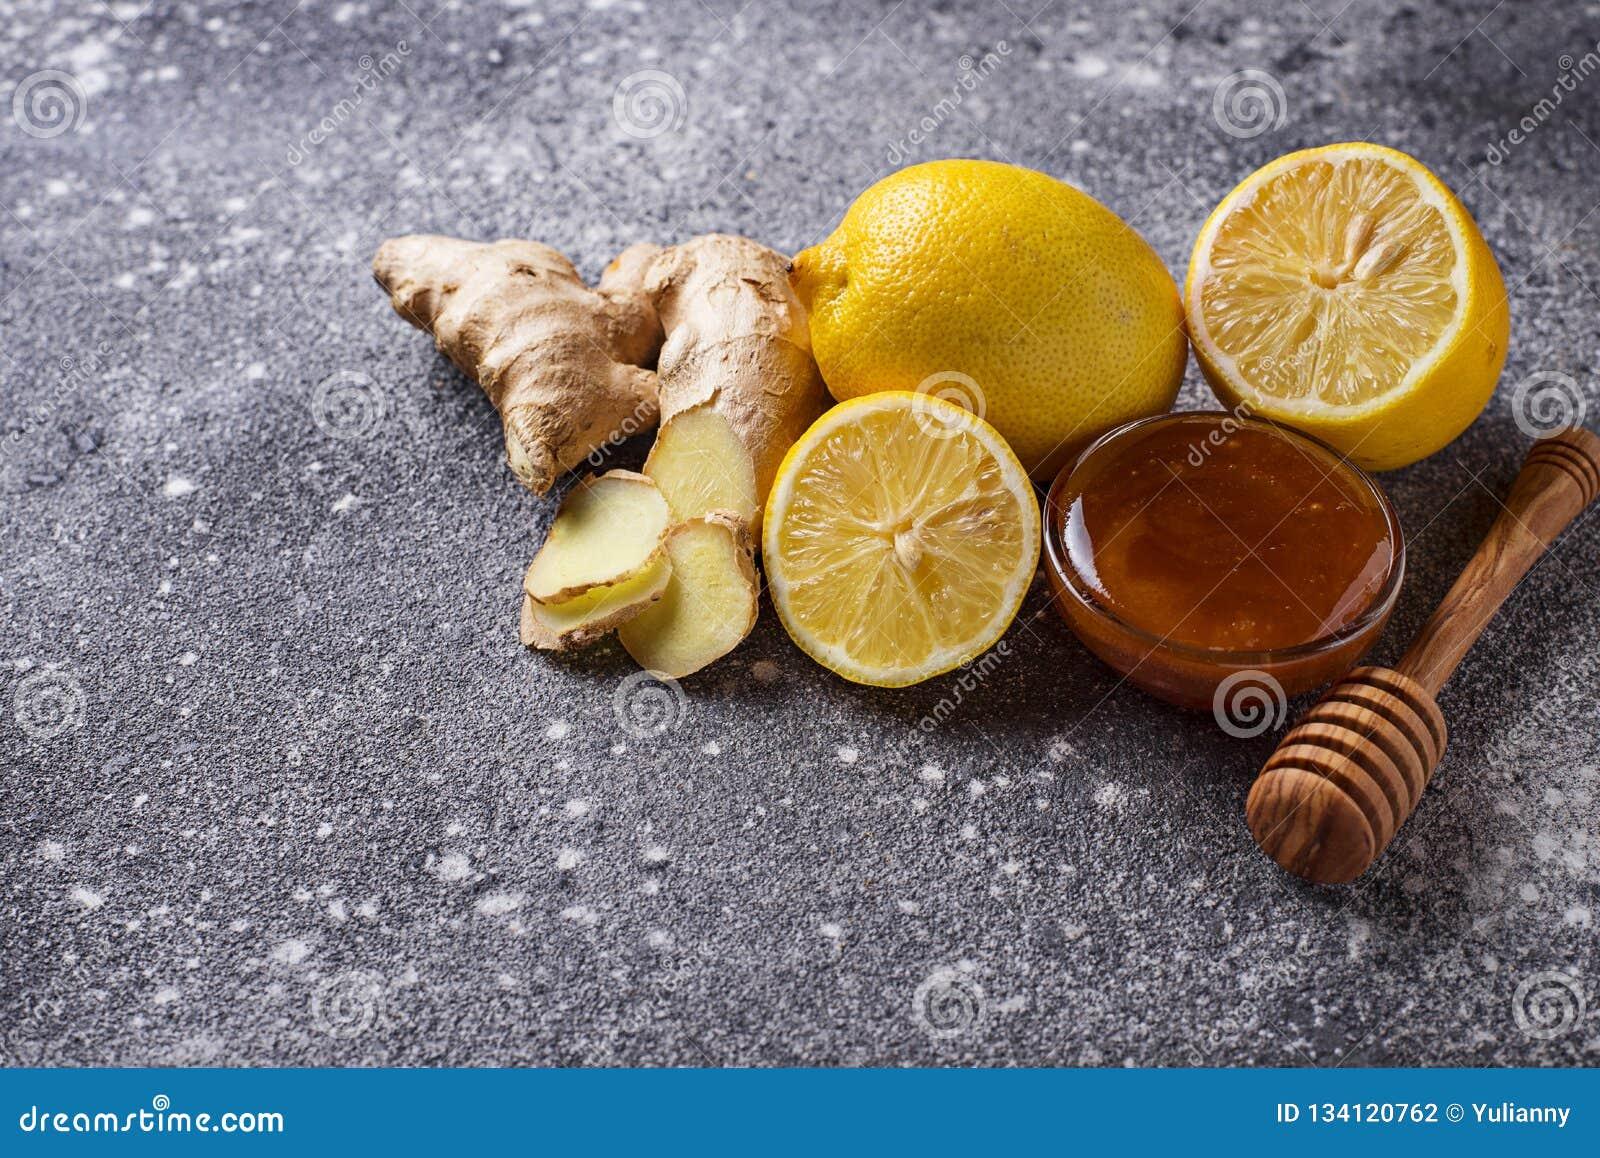 Remedios caseros para la tos a base de jengibre